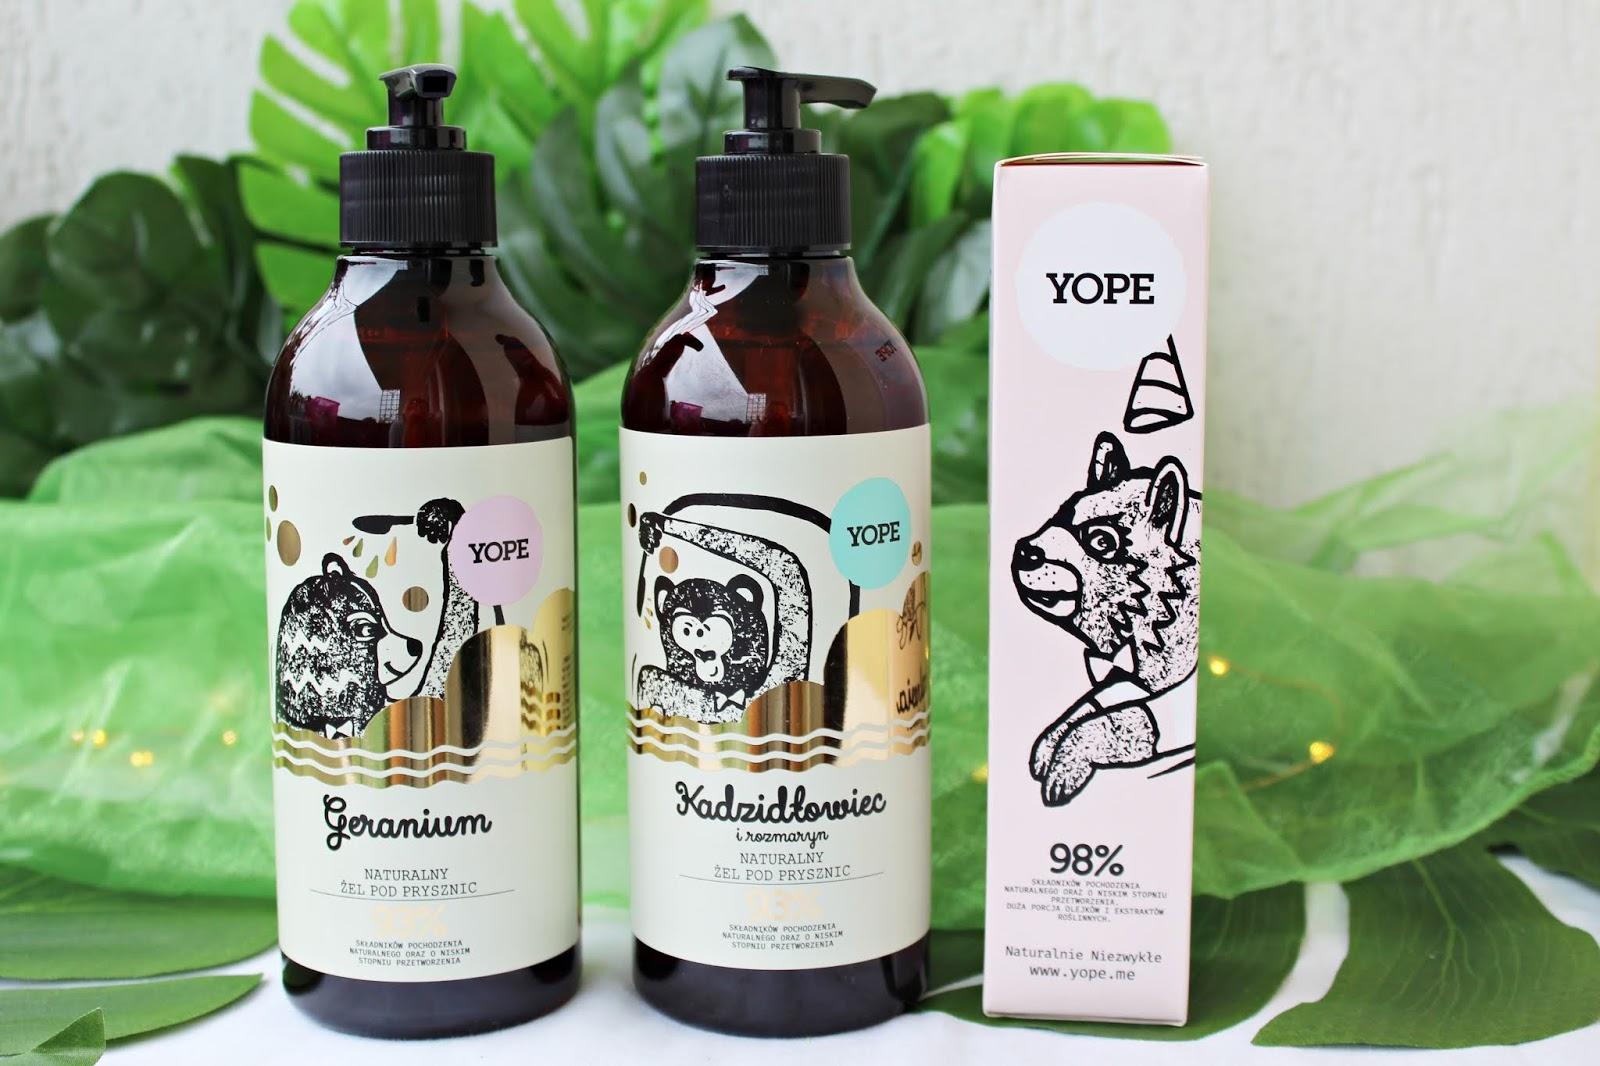 Zakupy w drogerii LilaRóż - Naturalny żel pod prysznic Geranium, Kadzidłowiec i rozmaryn oraz Krem do rąk szałwia i zielony kawior YOPE